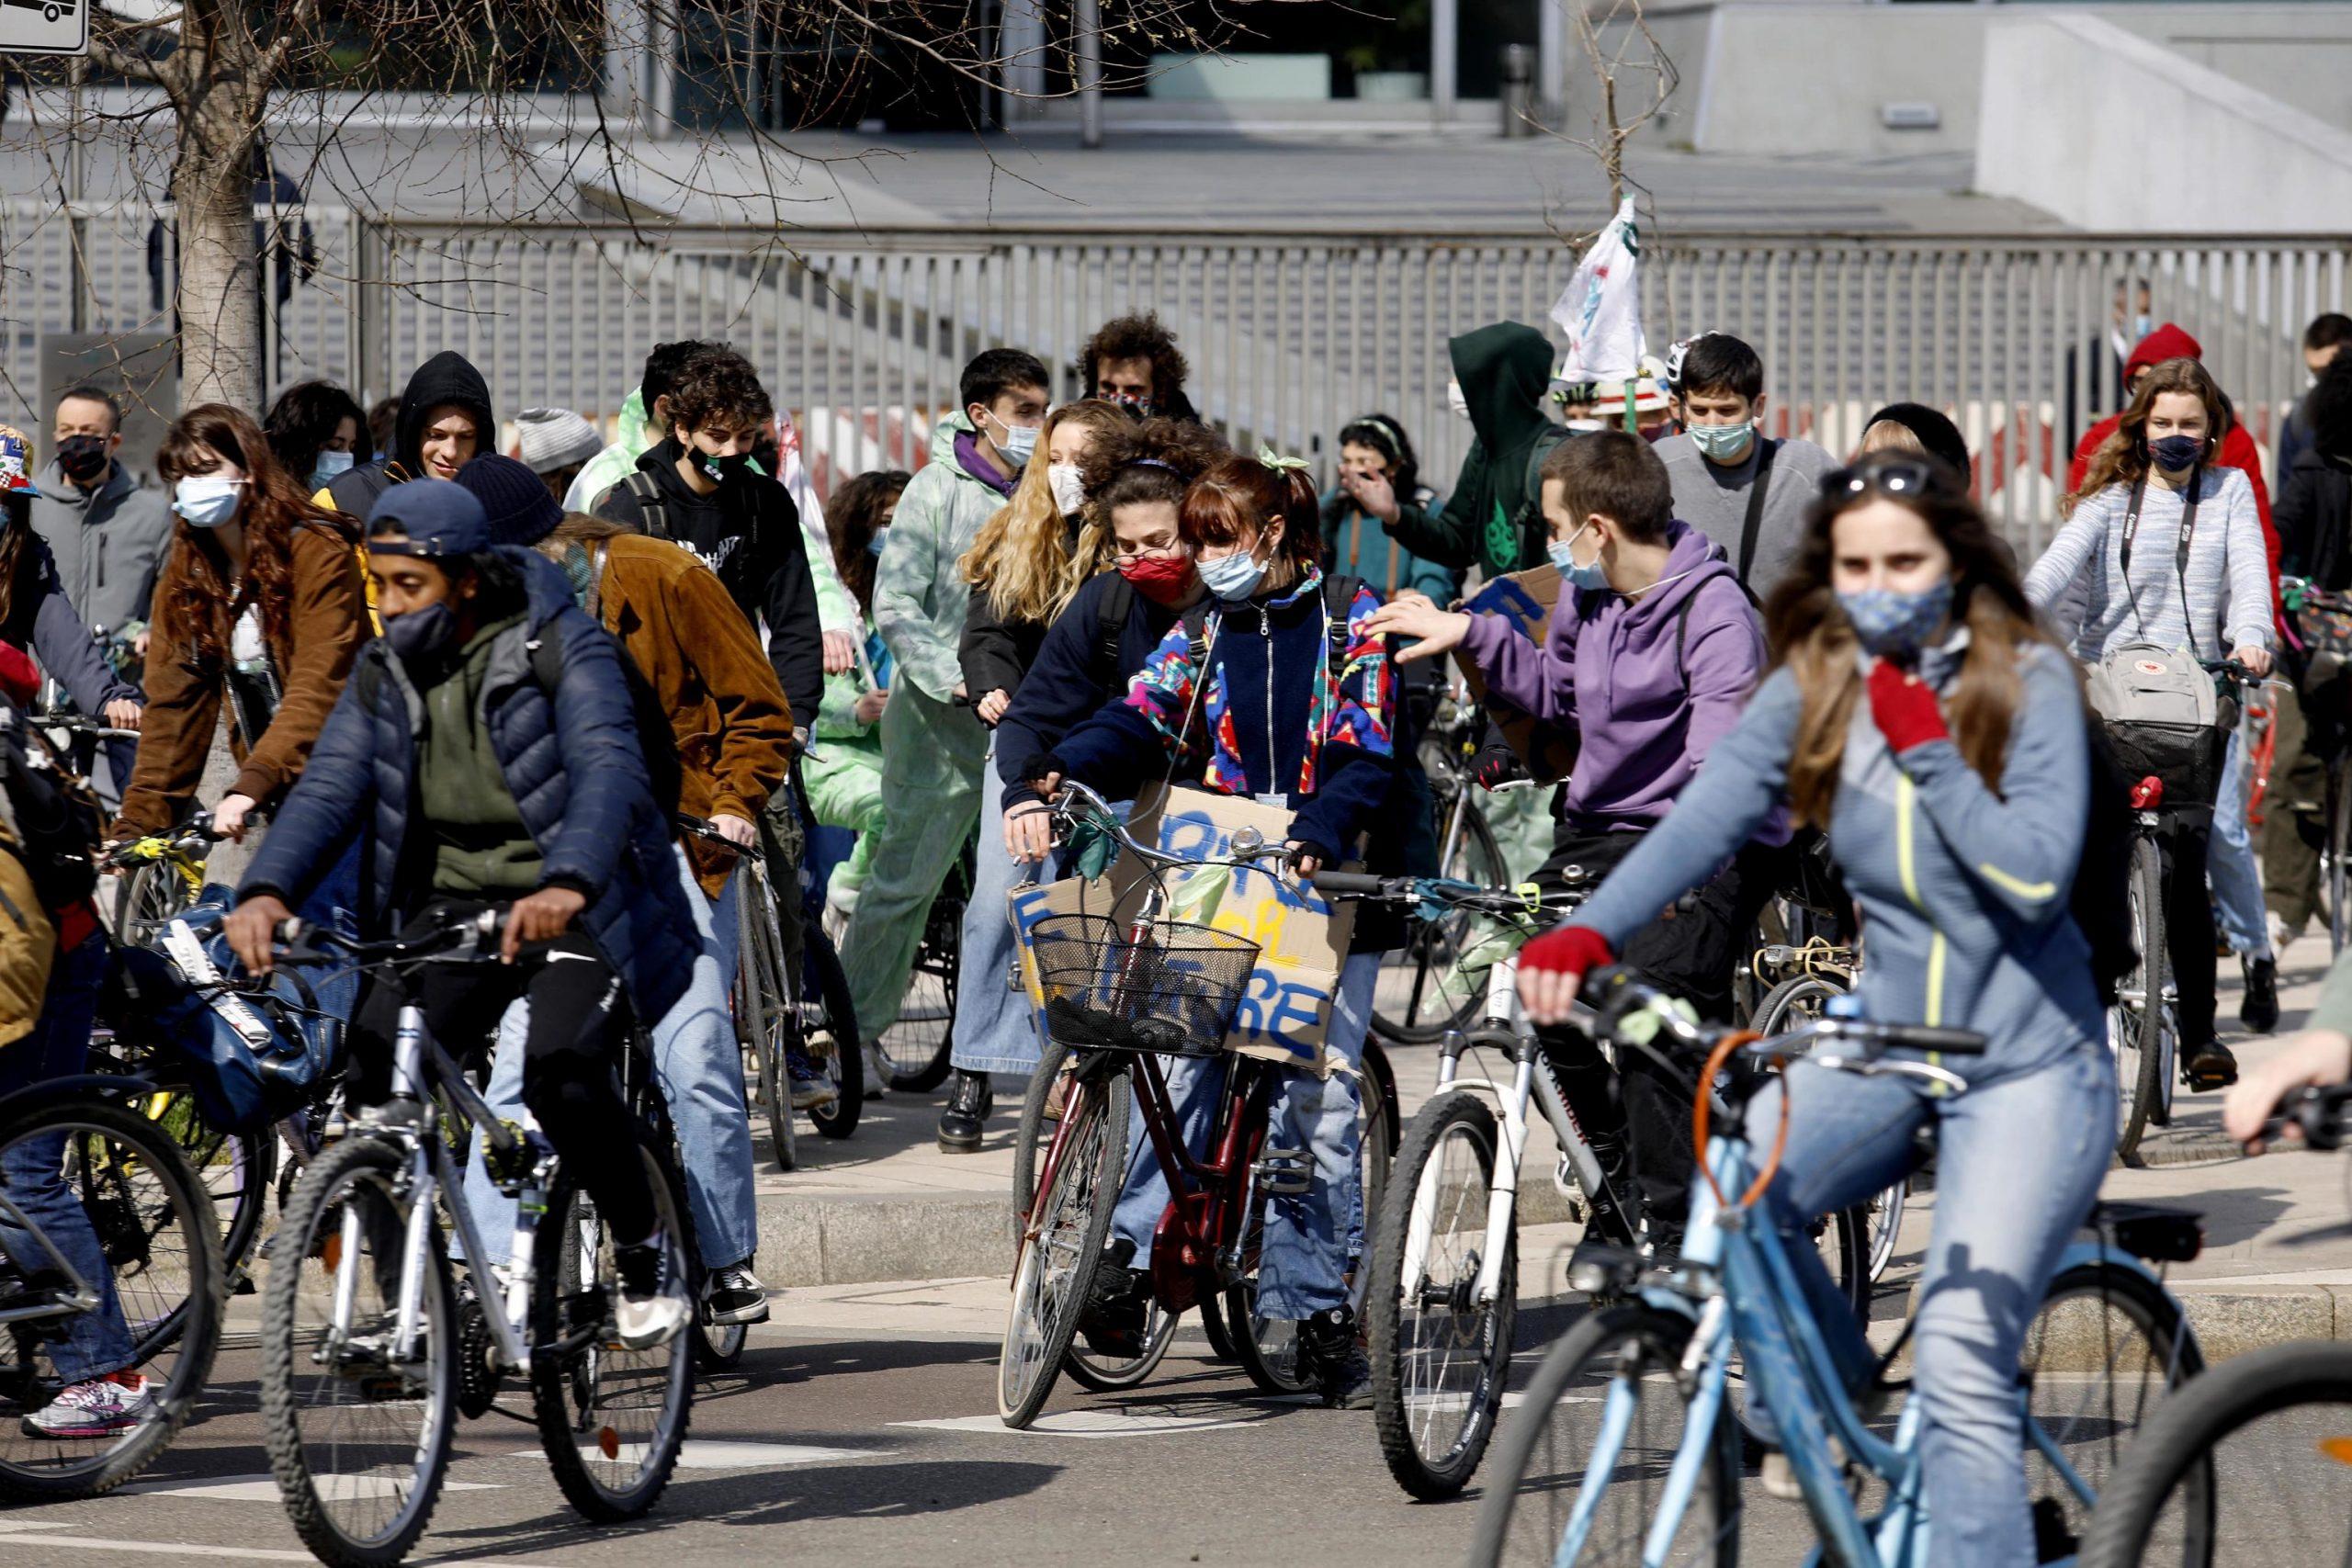 L'ansia climatica impedisce ai più giovani di immaginare un futuro